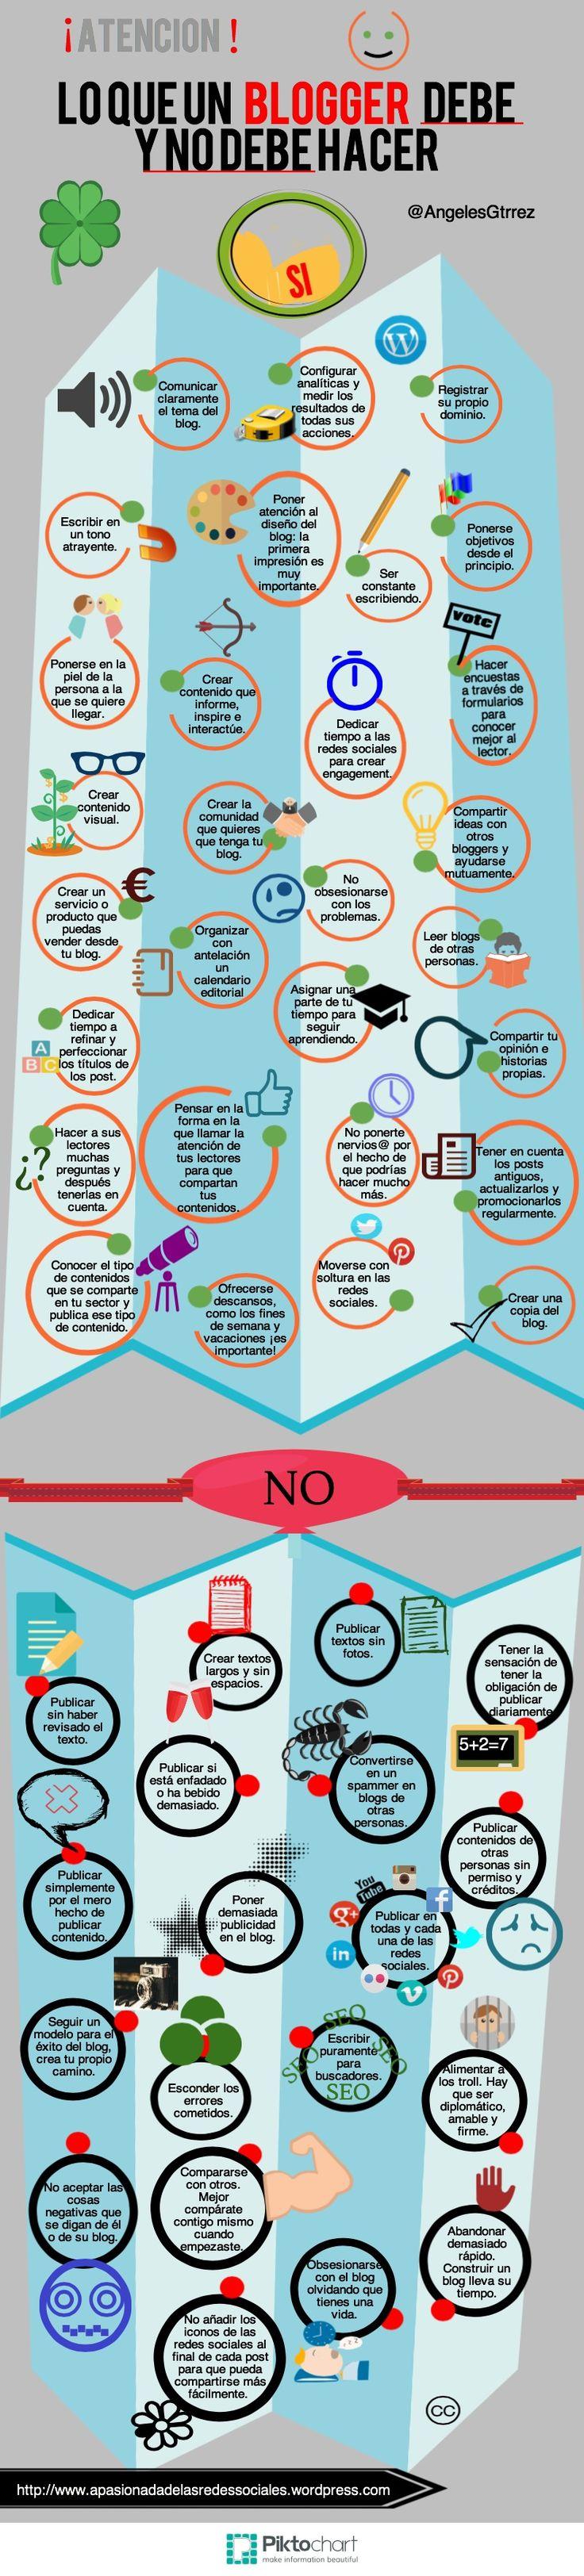 Lo que un blogger debe y no debe hacer by Apasionada de las redes sociales #SocialMedia #RedesSociales